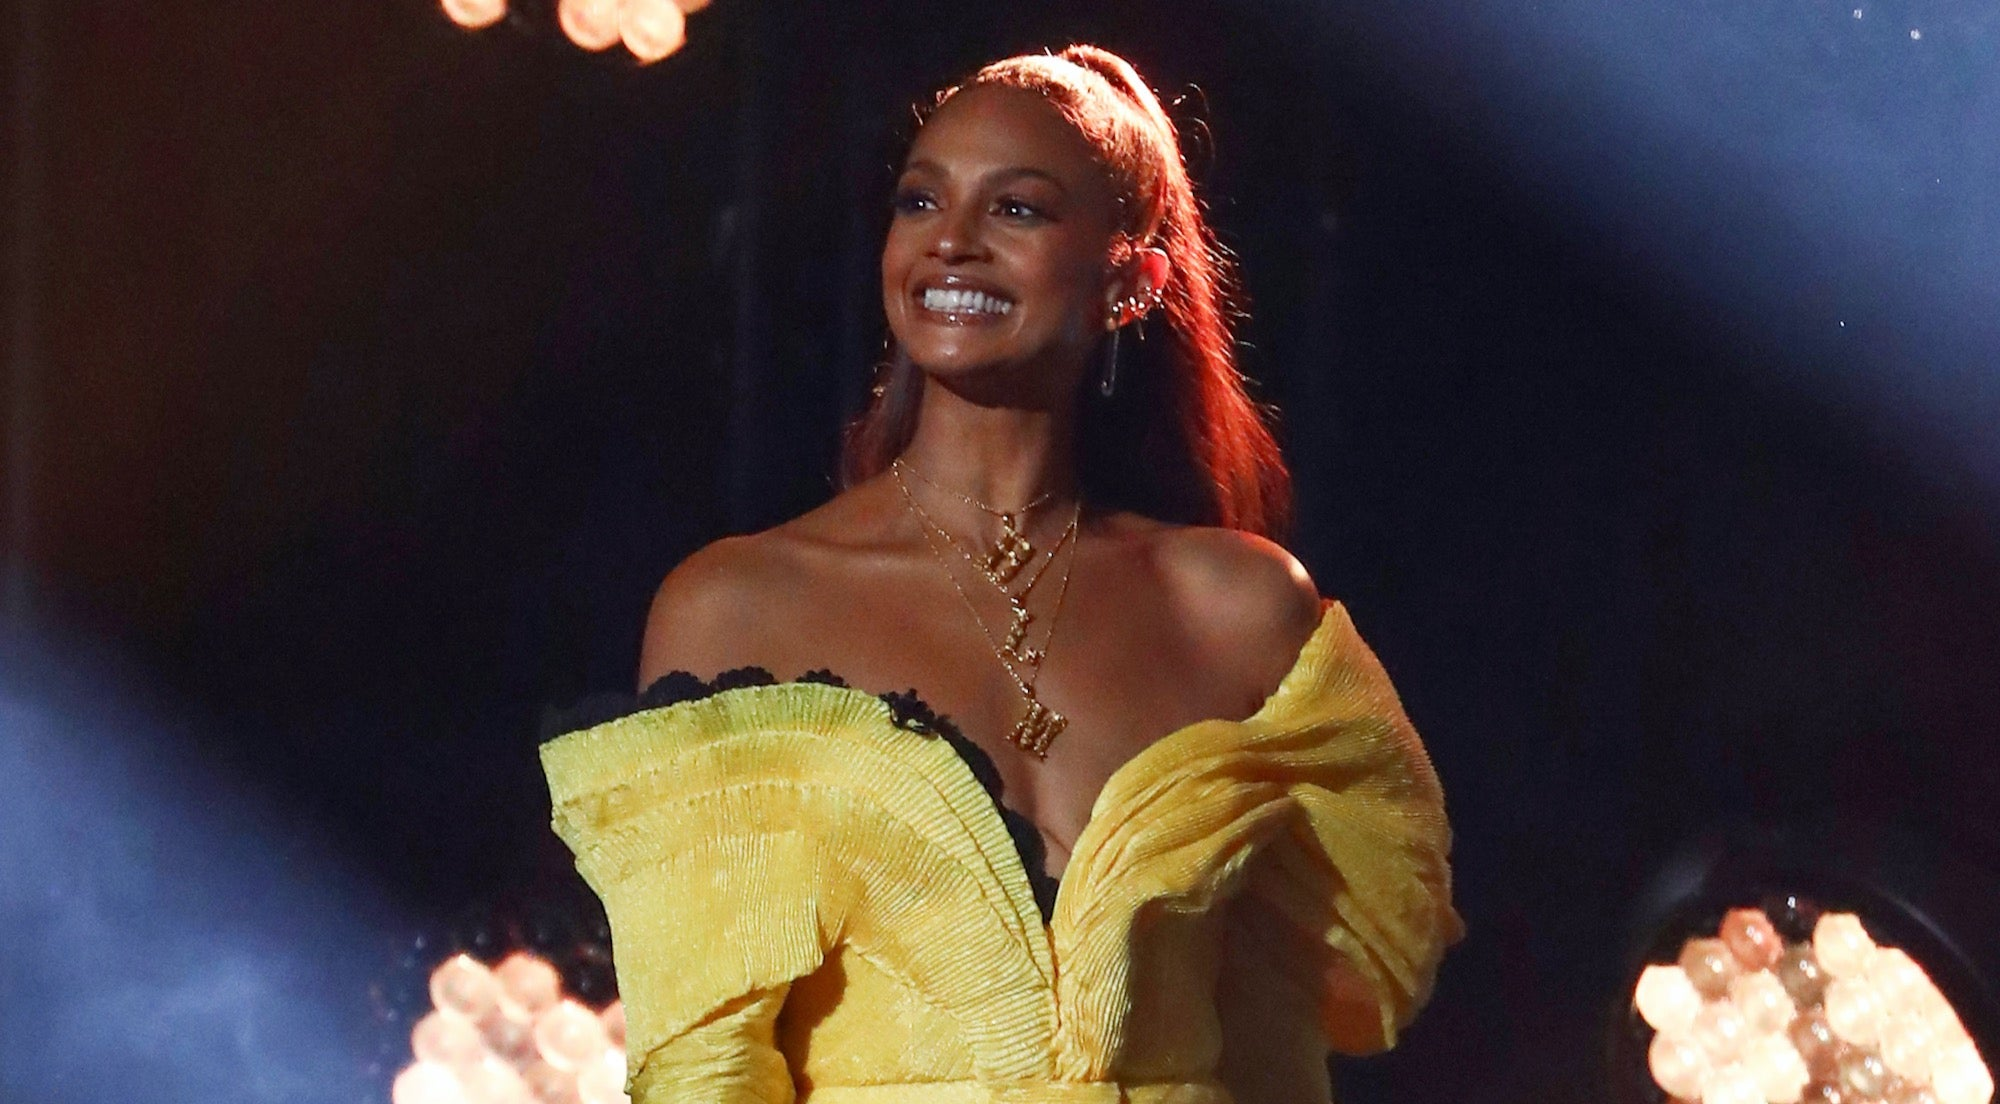 Britain S Got Talent Alesha Dixon S Black Lives Matter Necklace Prompts 1 900 Complaints The Independent